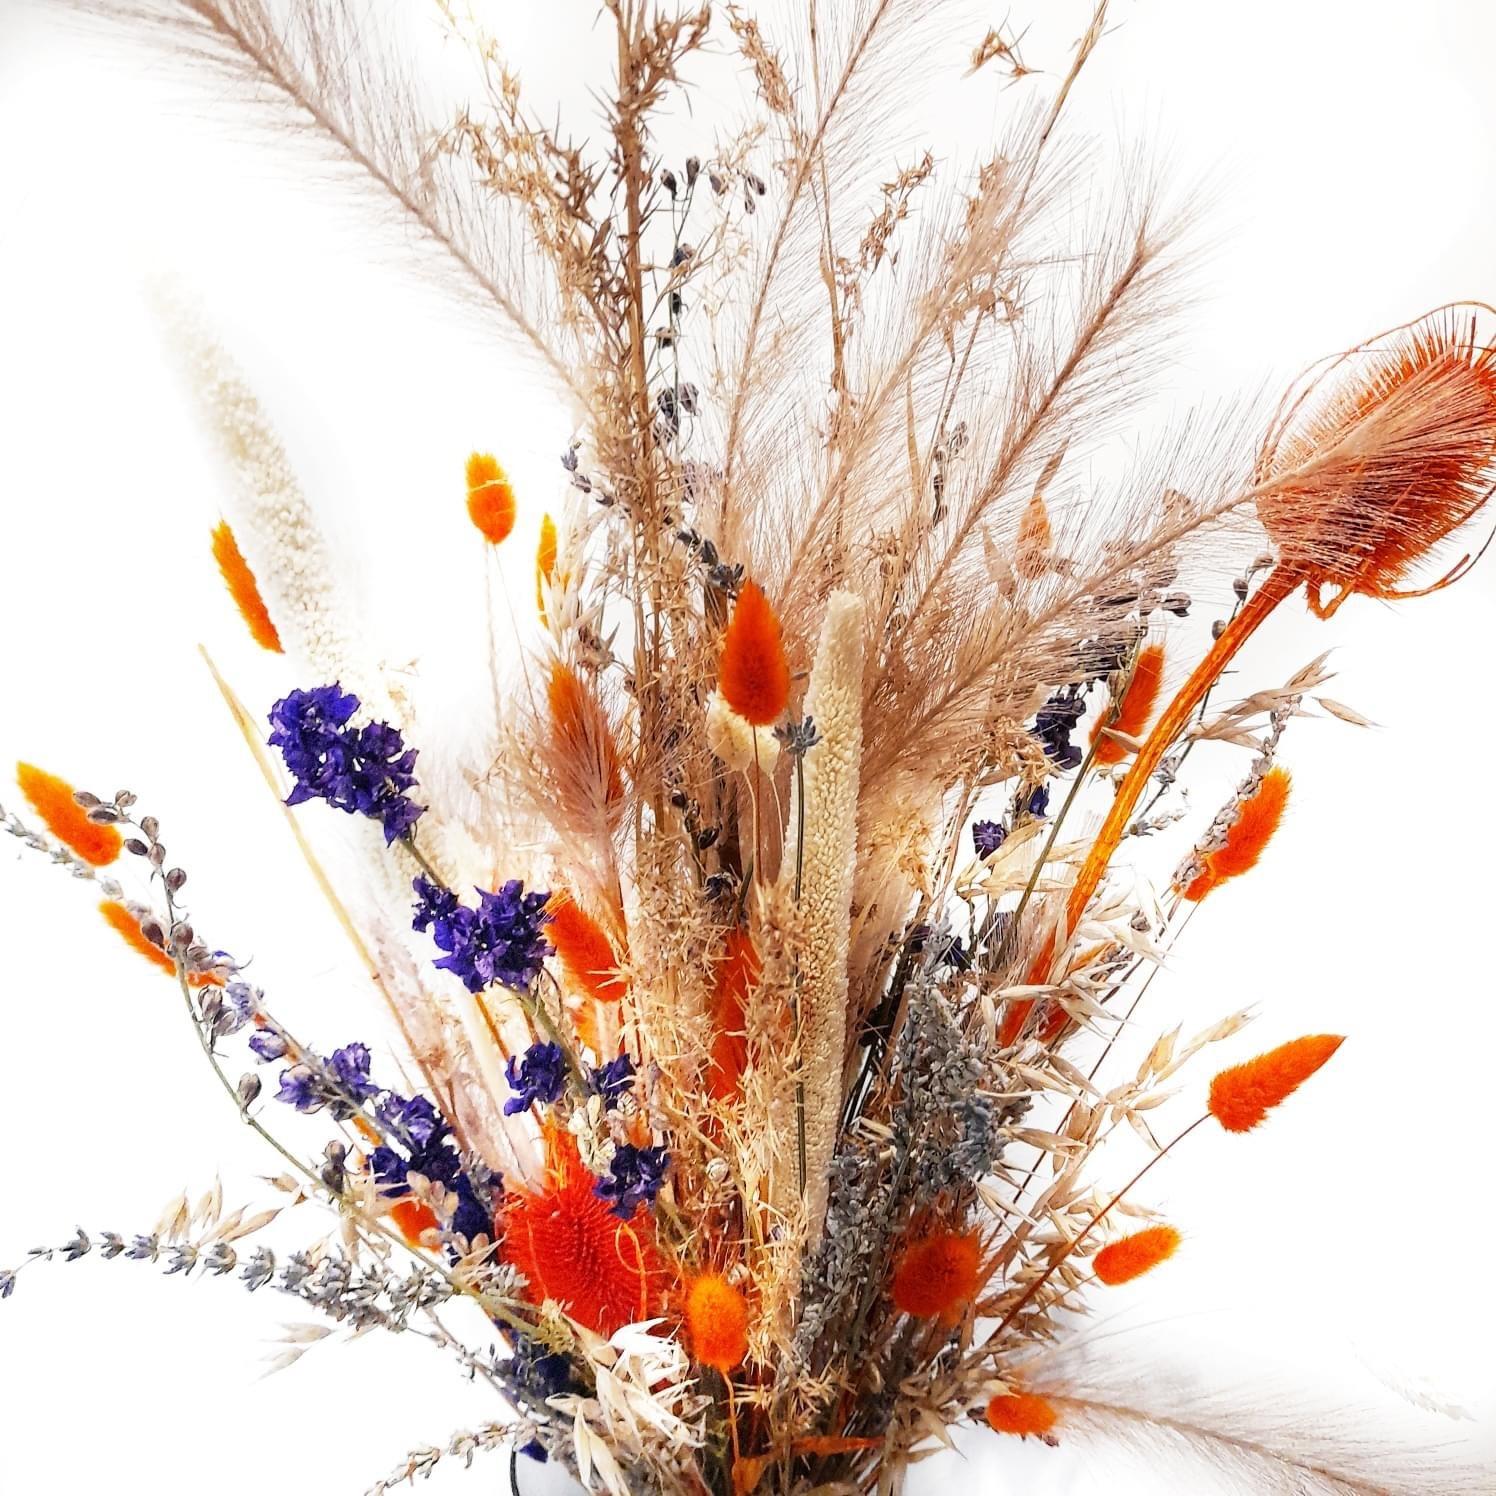 <h2>Bezorgen & Afhalen</h2><div class='slide-content'>We hebben een ruim assortiment aan bloemen en kamerplanten in onze webshop! Neem gerust een kijkje! We bezorgen alleen in Noord-Beveland en Zuid-Beveland. U kunt ook kiezen voor afhalen.</div>